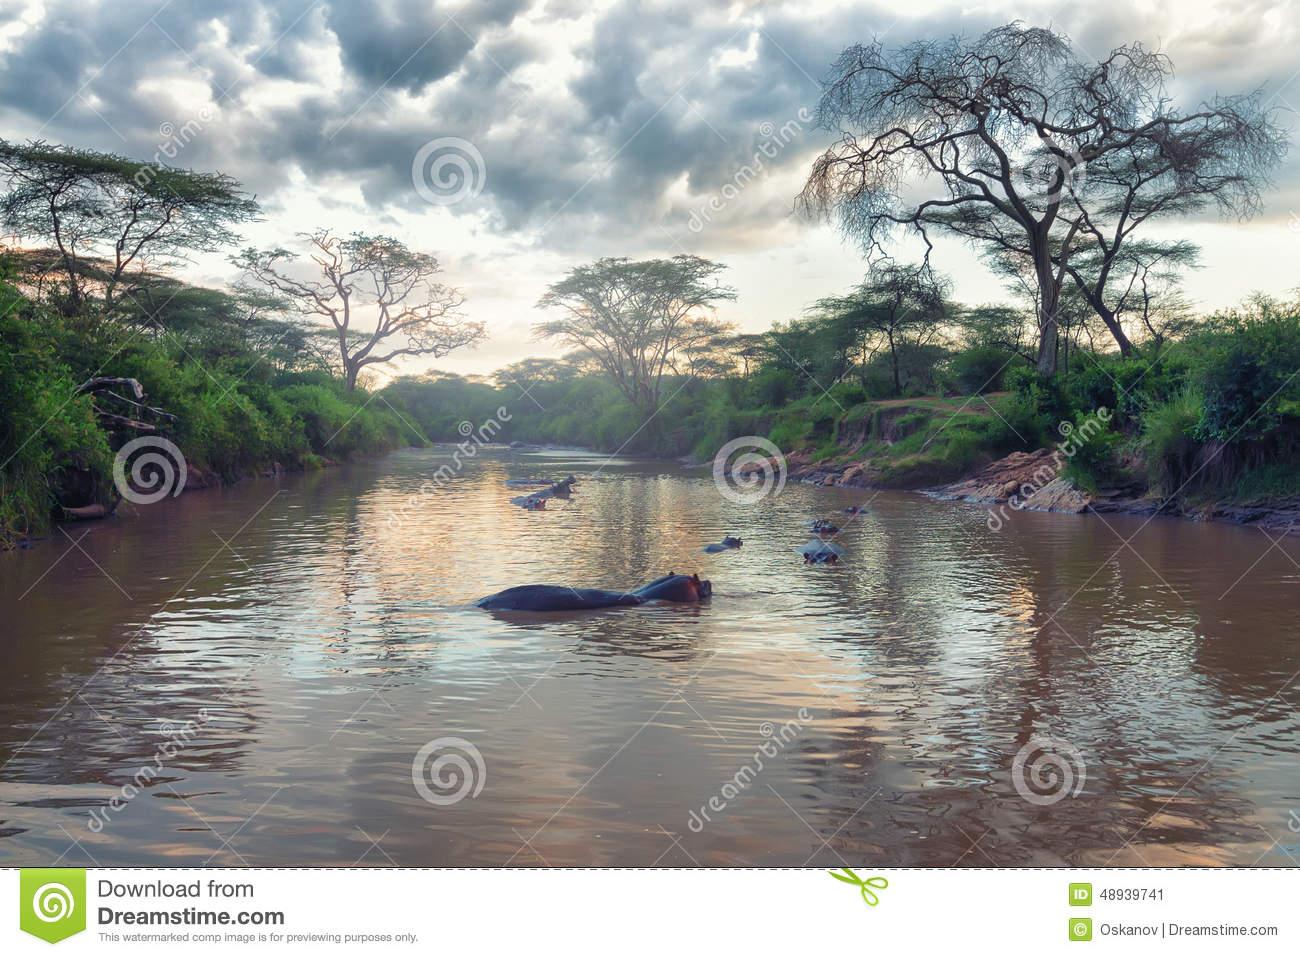 African River Landscape